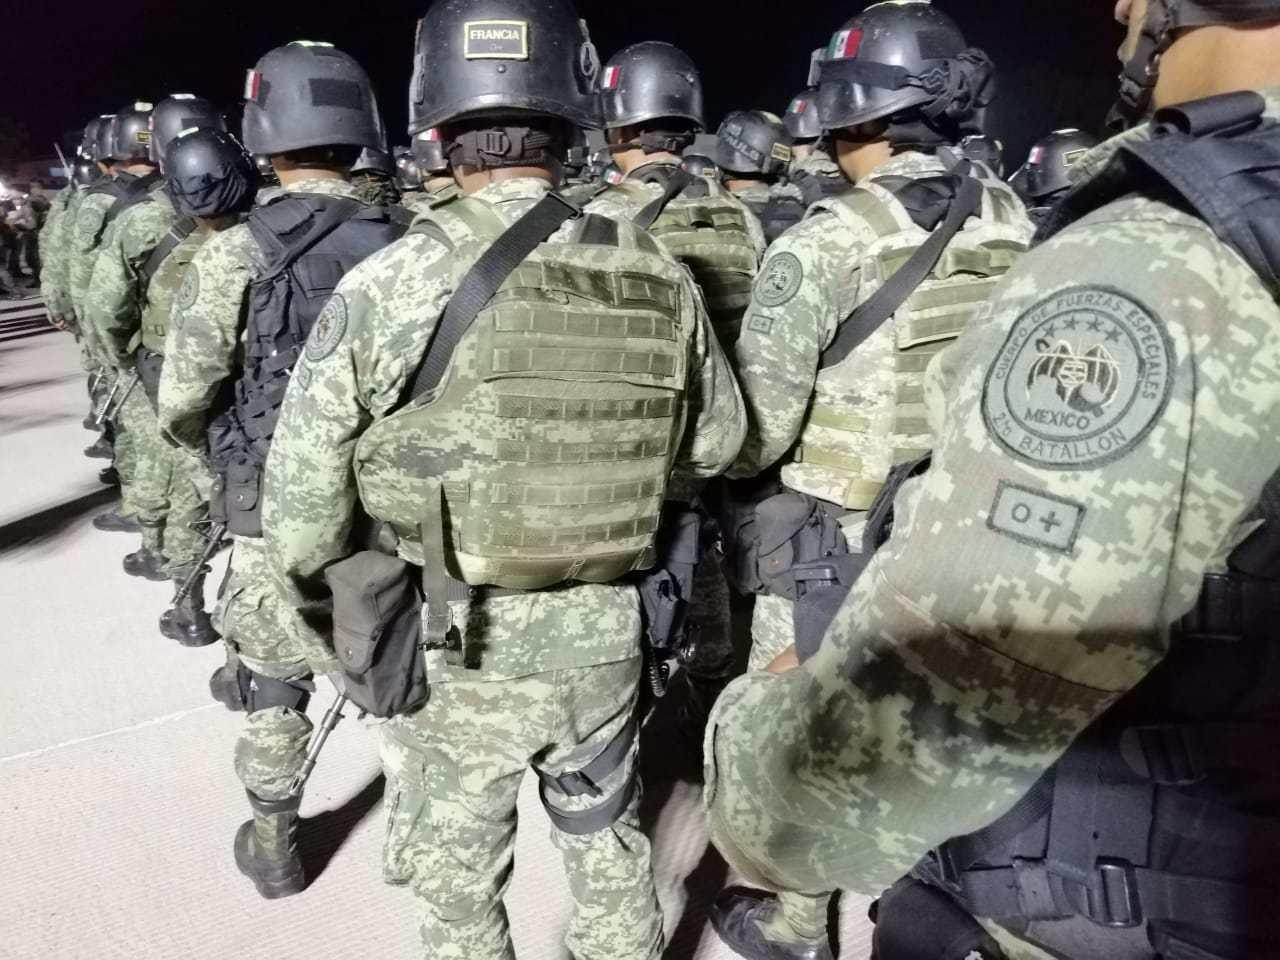 Se cumplió el objetivo de capturar a un delincuente, pero cobardemente amenazaron con atacar a mujeres, niños, estudiantes y familias: Militares cuentan lo sucedido en Culiacán